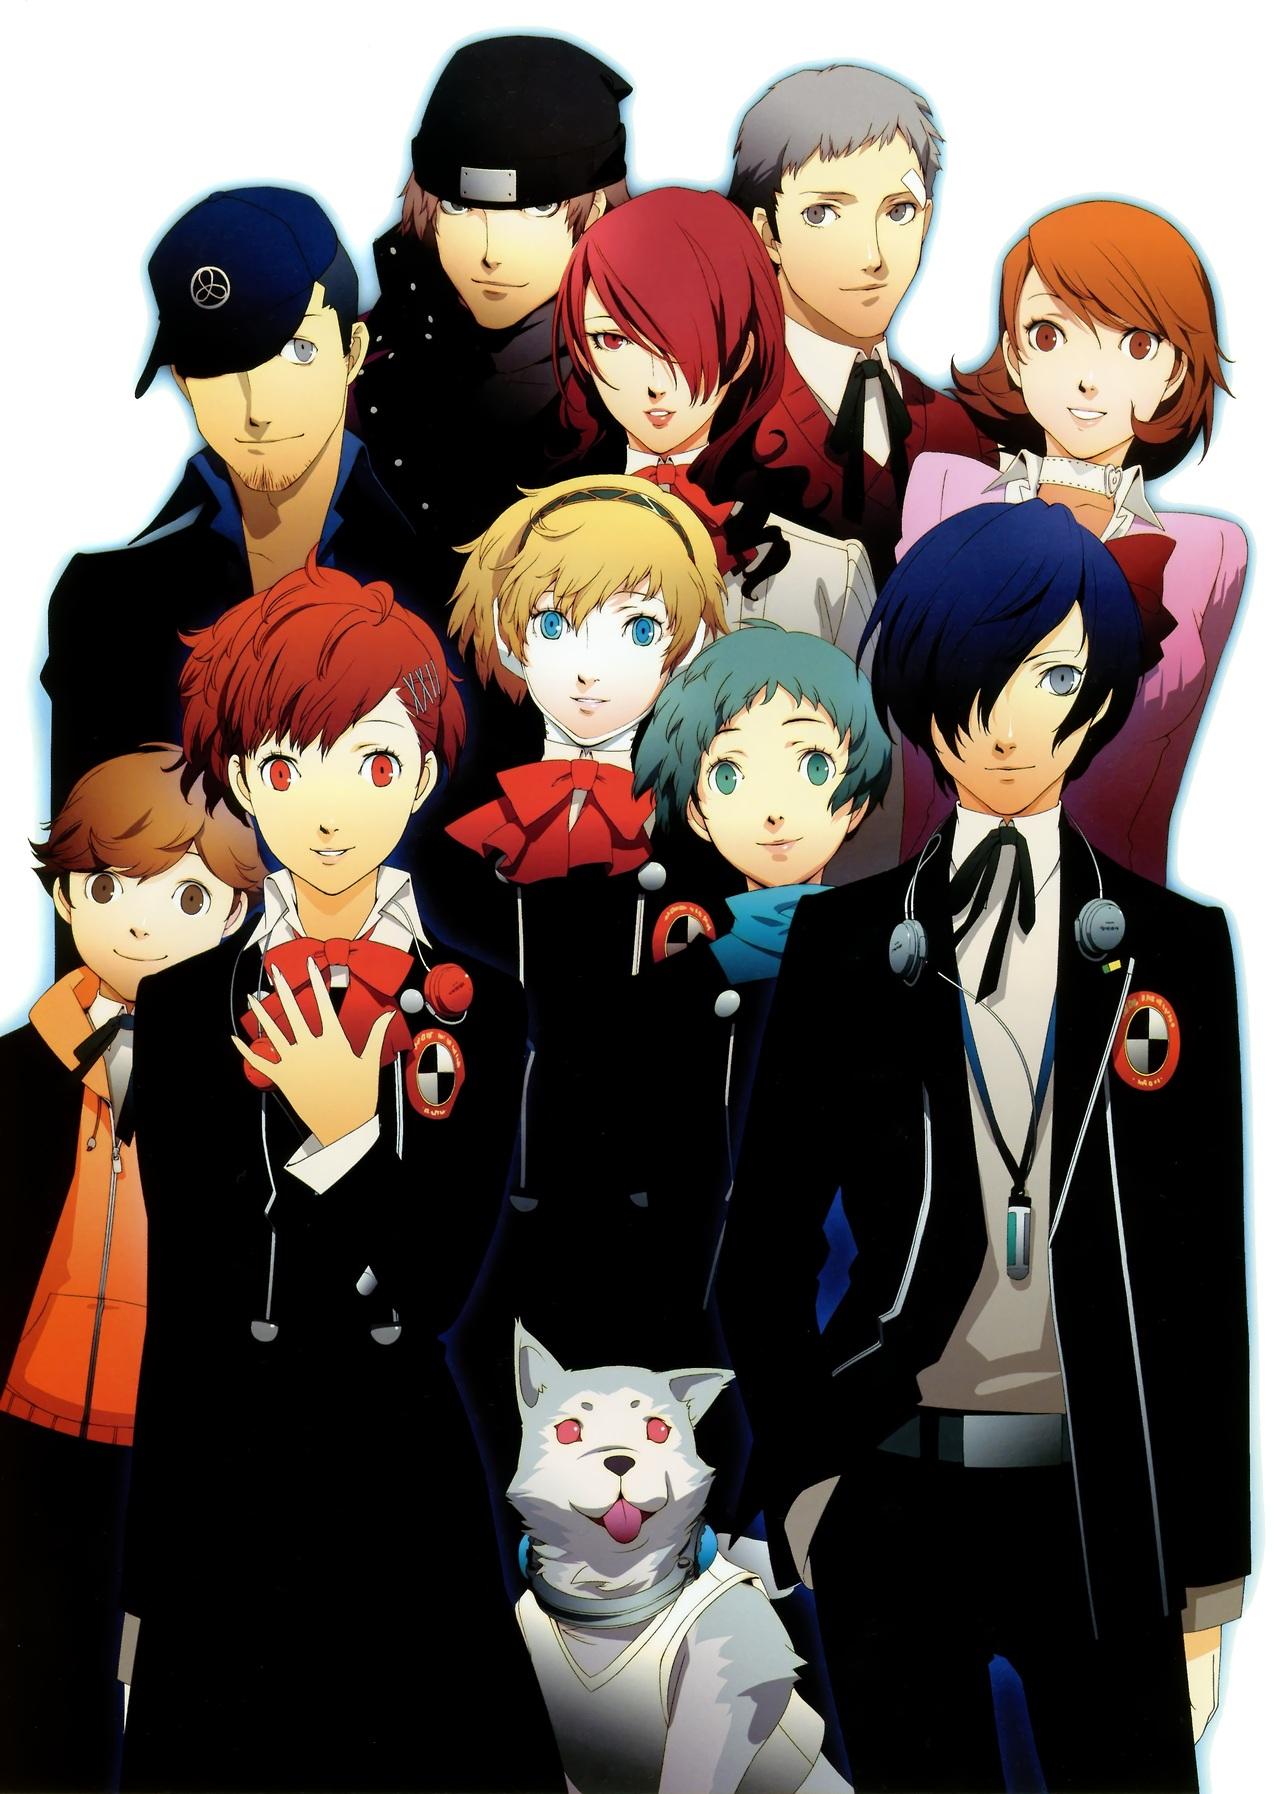 Persona 3 wiki